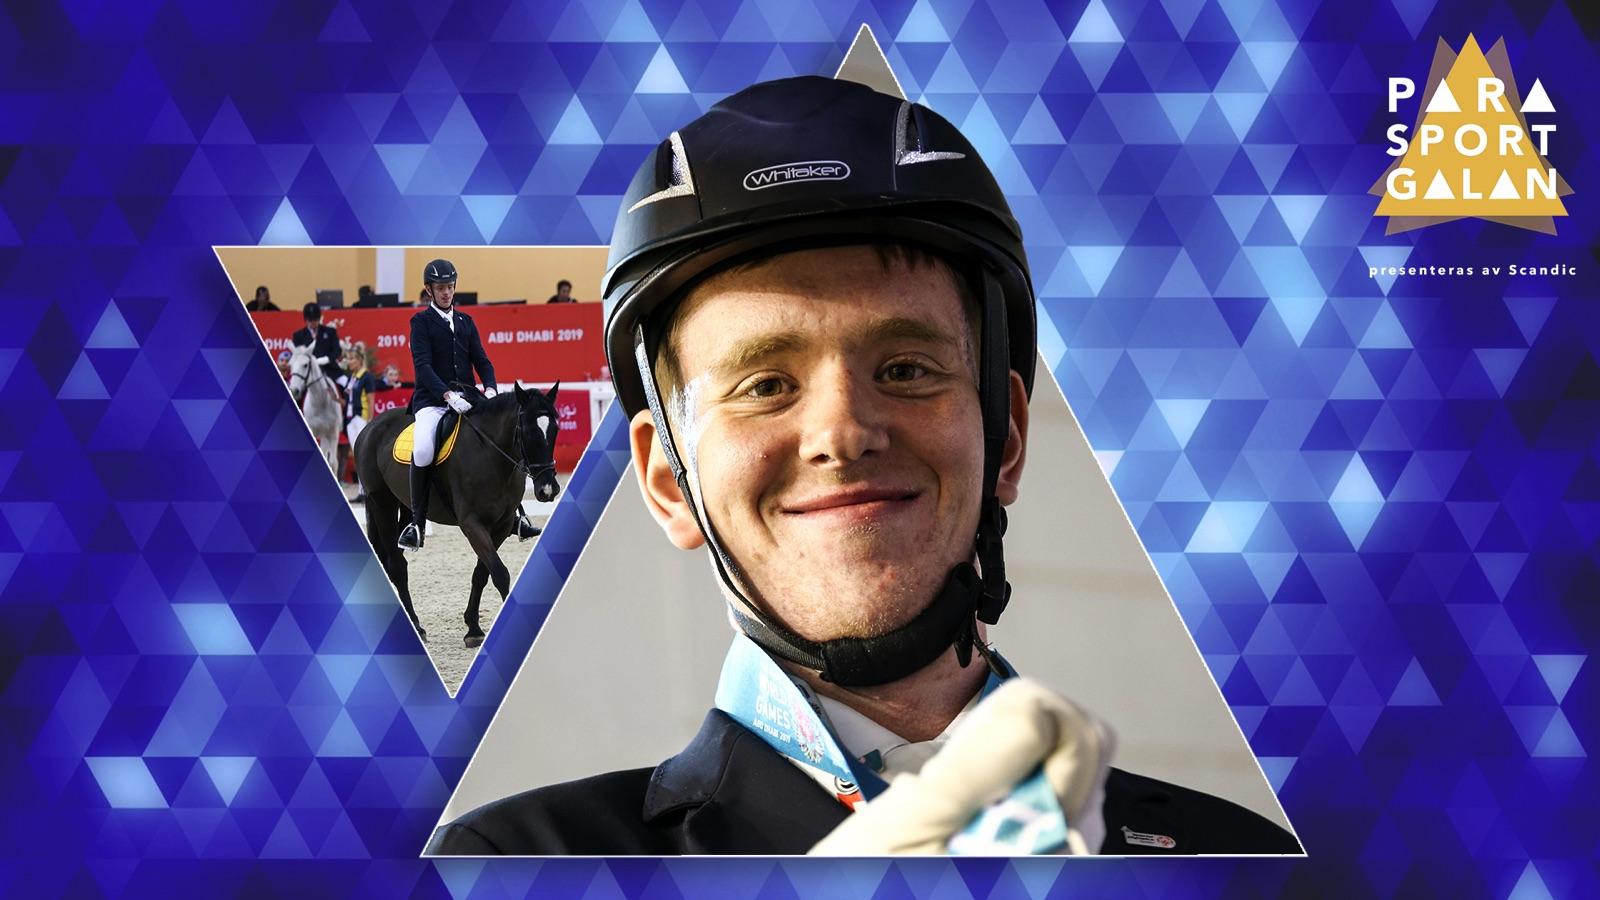 Ryttaren Jimmy Andersson har chansen att ta hem priset Årets prestation inom Special Olympics på Parasportgalan.